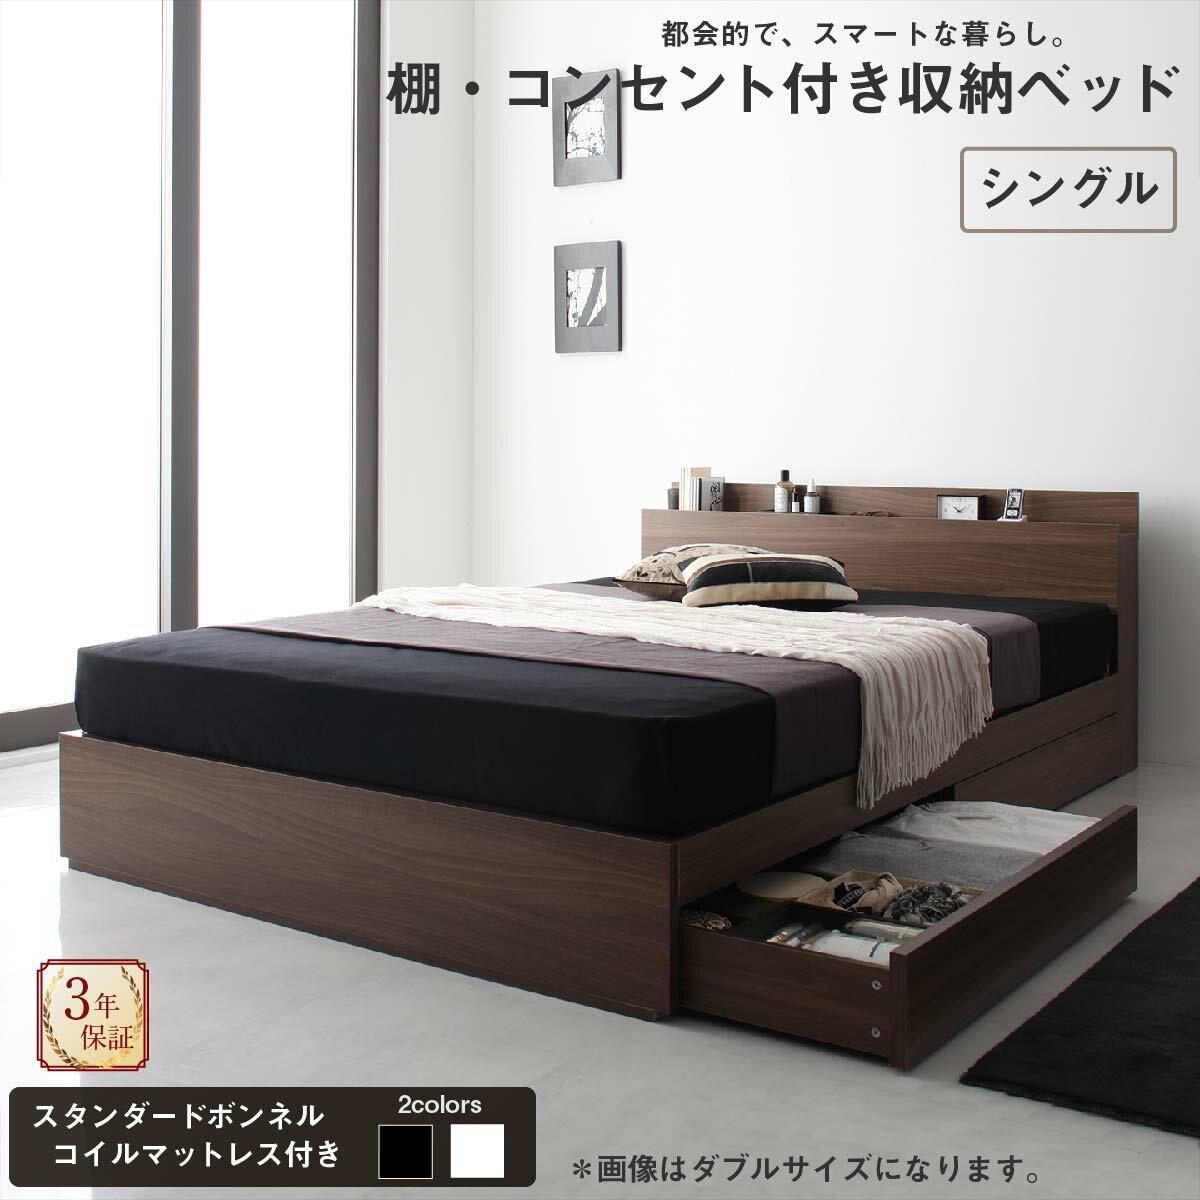 【送料無料】 ロングセラー 人気 ベッド ベッドフレーム マットレス付き 収納付き 木製ベッド コンセント付き 収納ベッド 引き出し付きベッド ウォルナットブラウン スタンダードボンネルコイルマットレス付き シングル